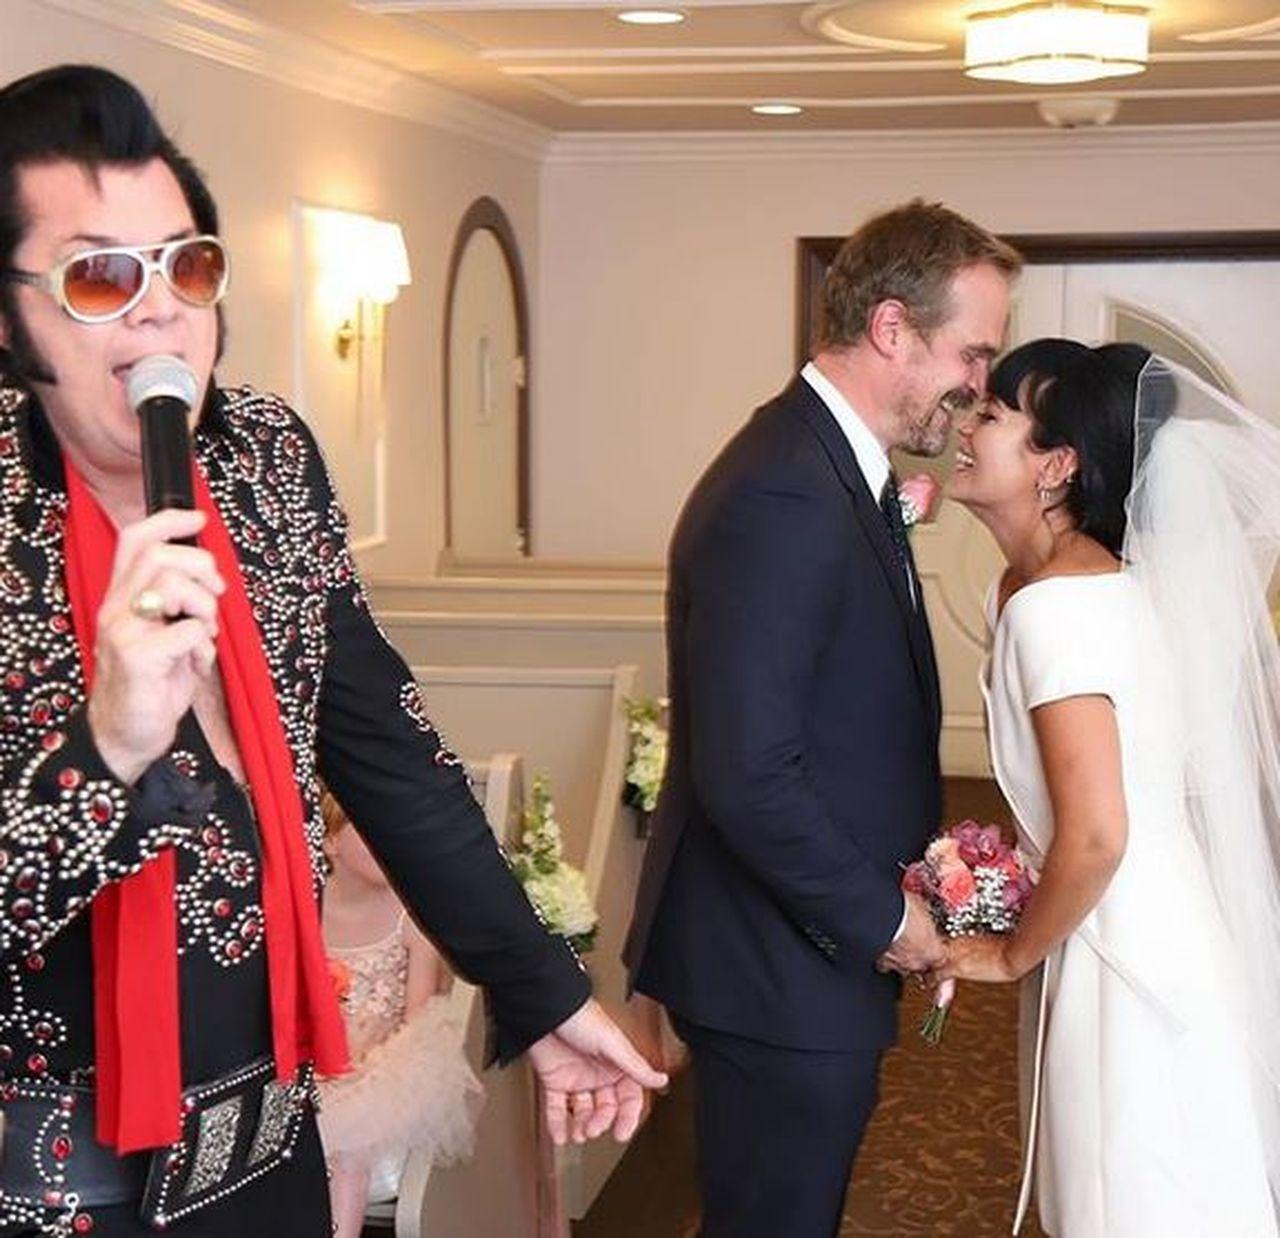 Lily Allen i David Harbour wzięli ślub w Las Vegas - udzielił go mężczyzna przebrany za Elvisa Presleya